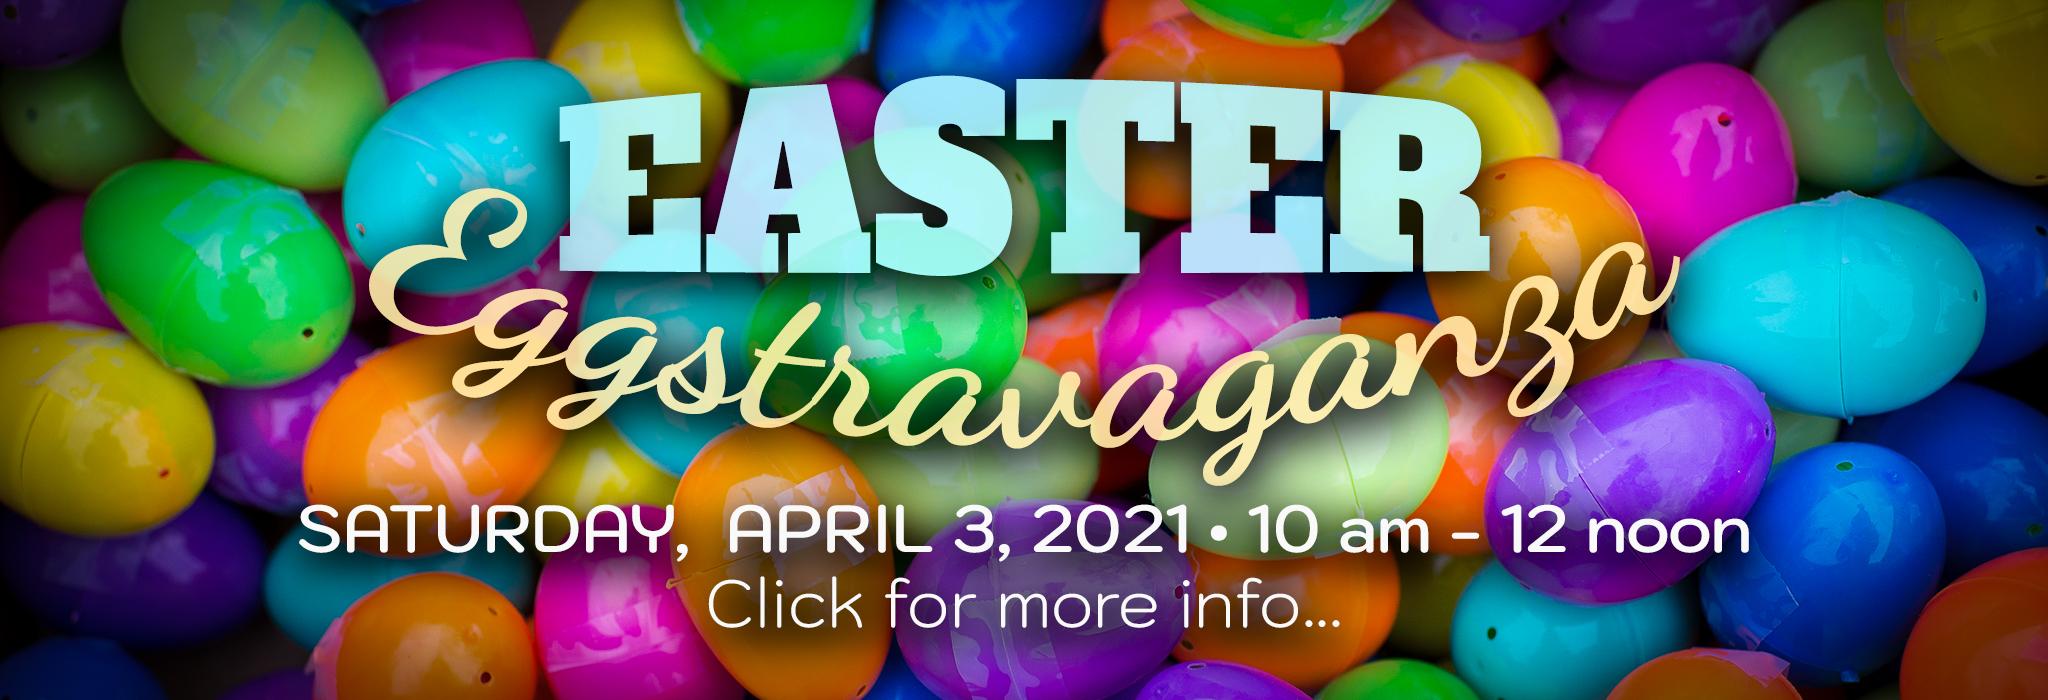 easter-egg-hunt-eggstravaganza2